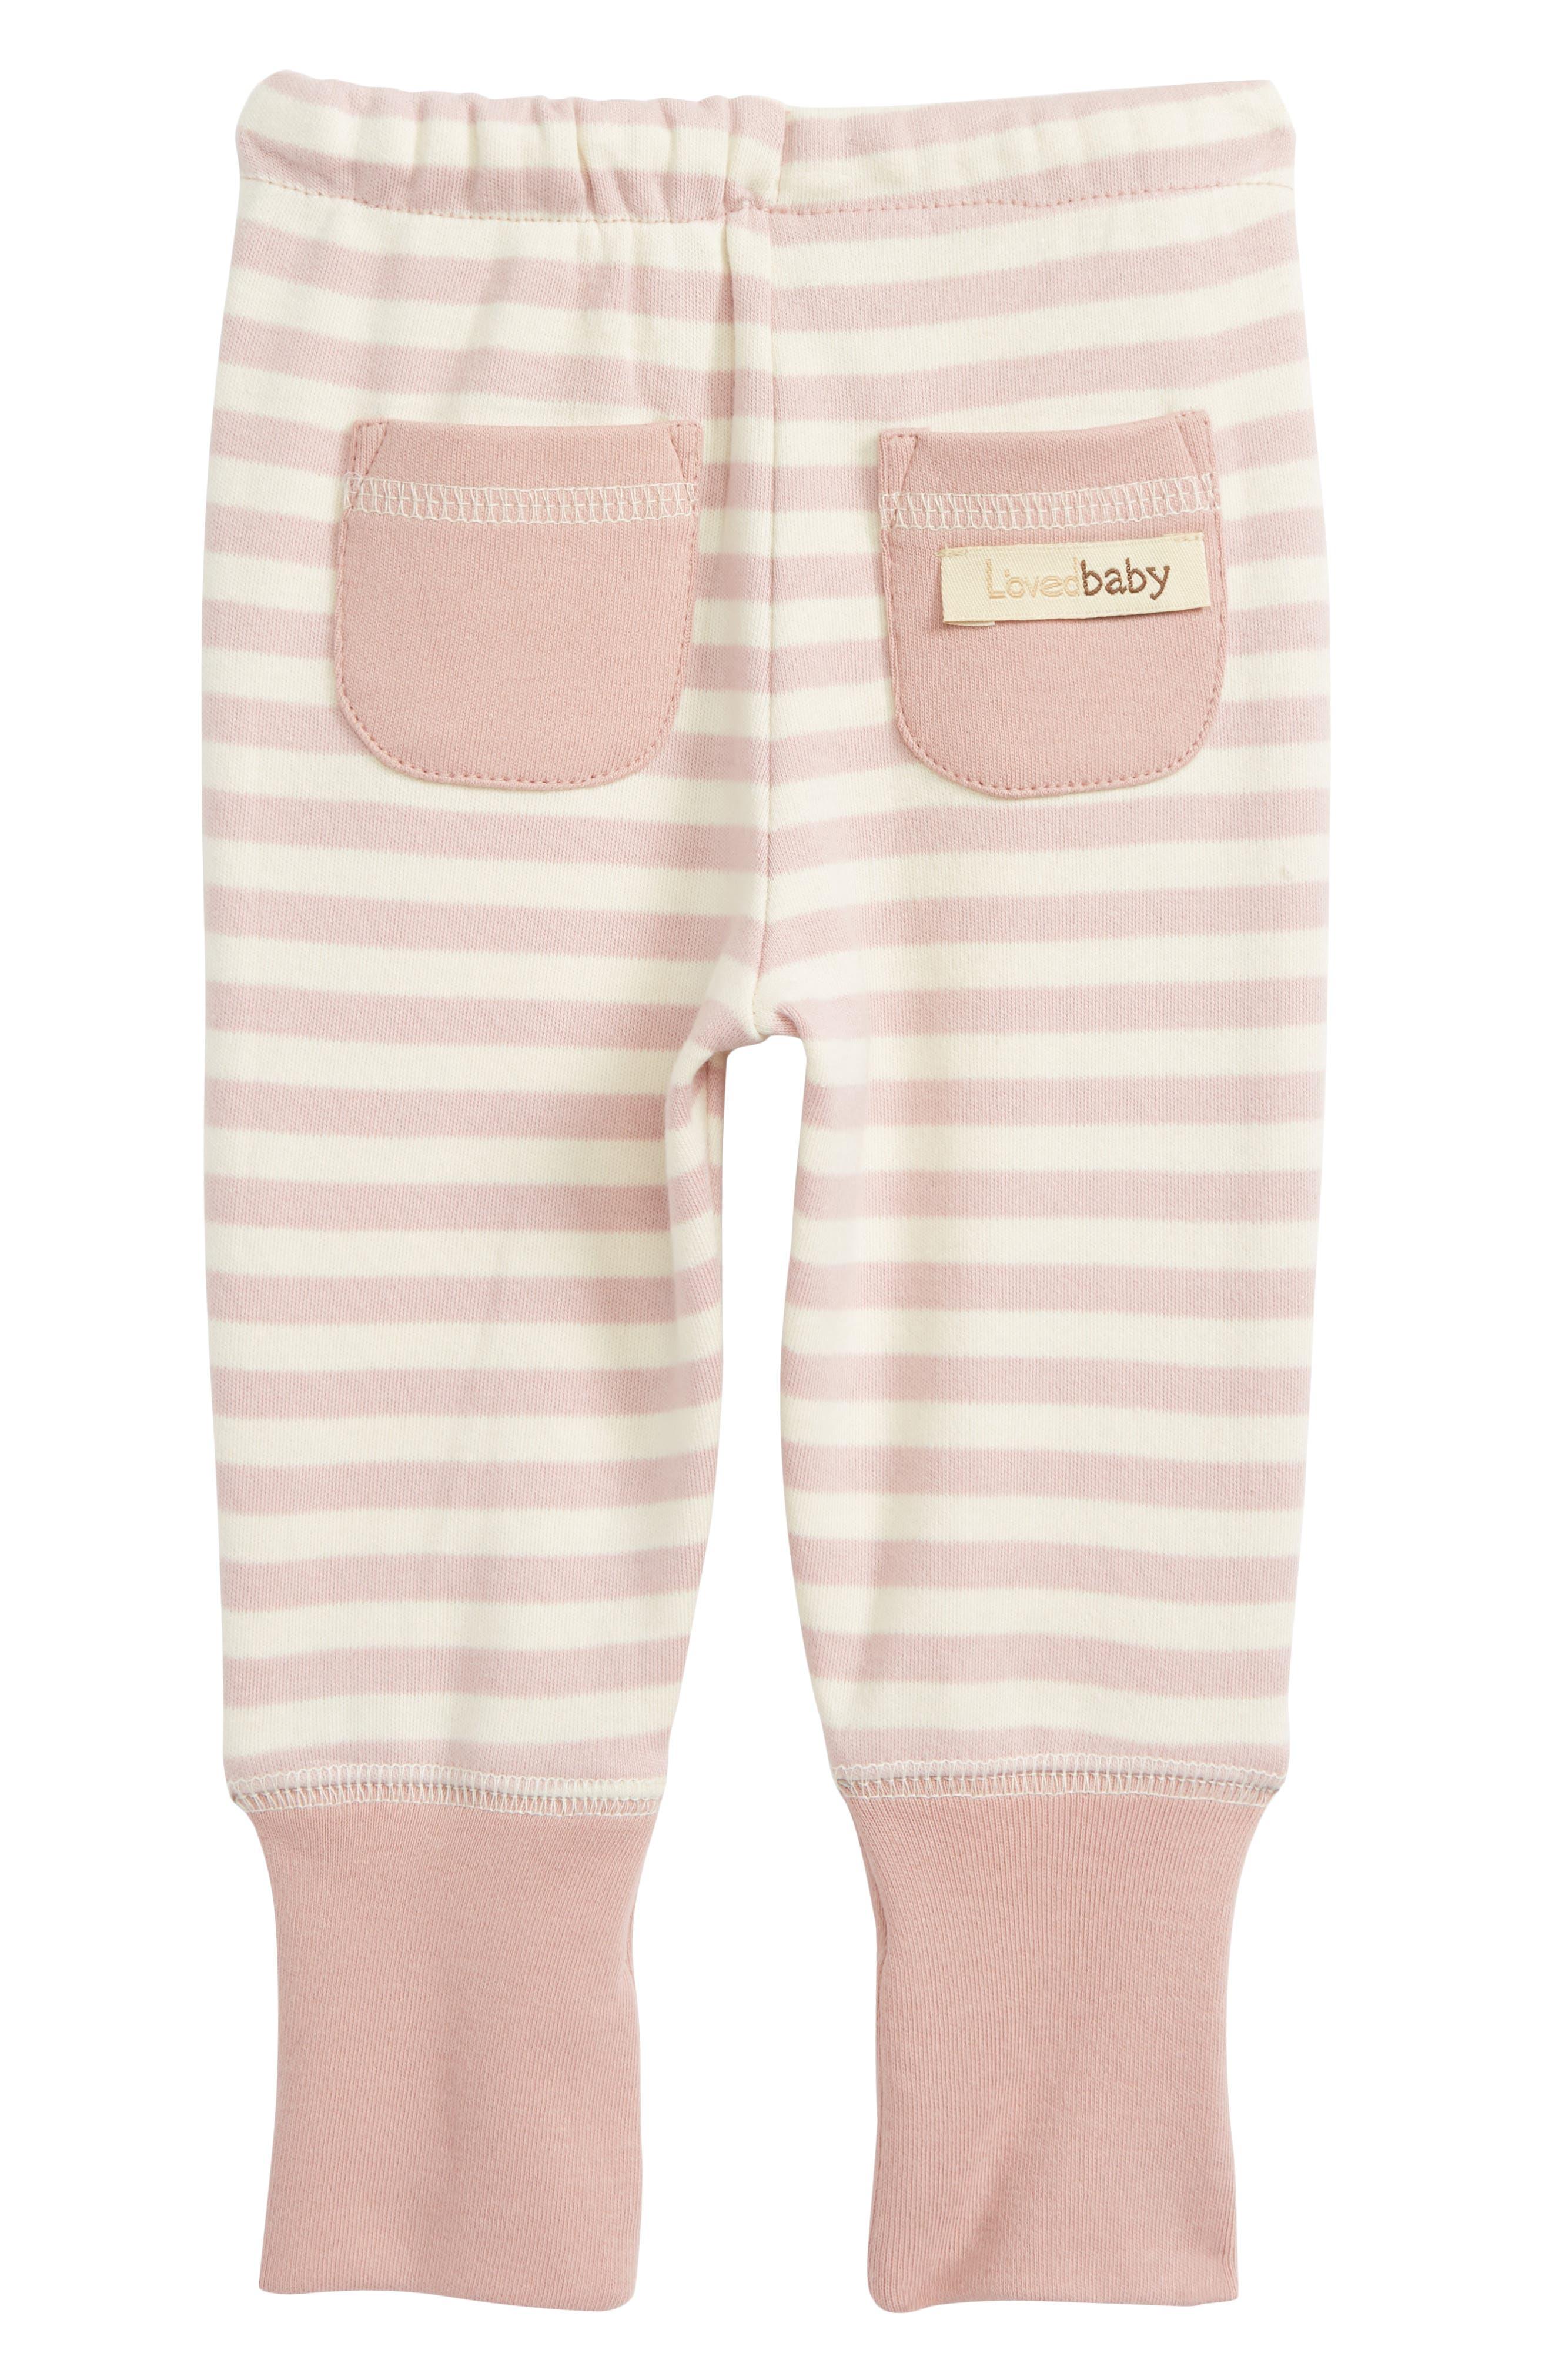 Organic Cotton Jogger Pants,                             Alternate thumbnail 2, color,                             Mauve/ Beige